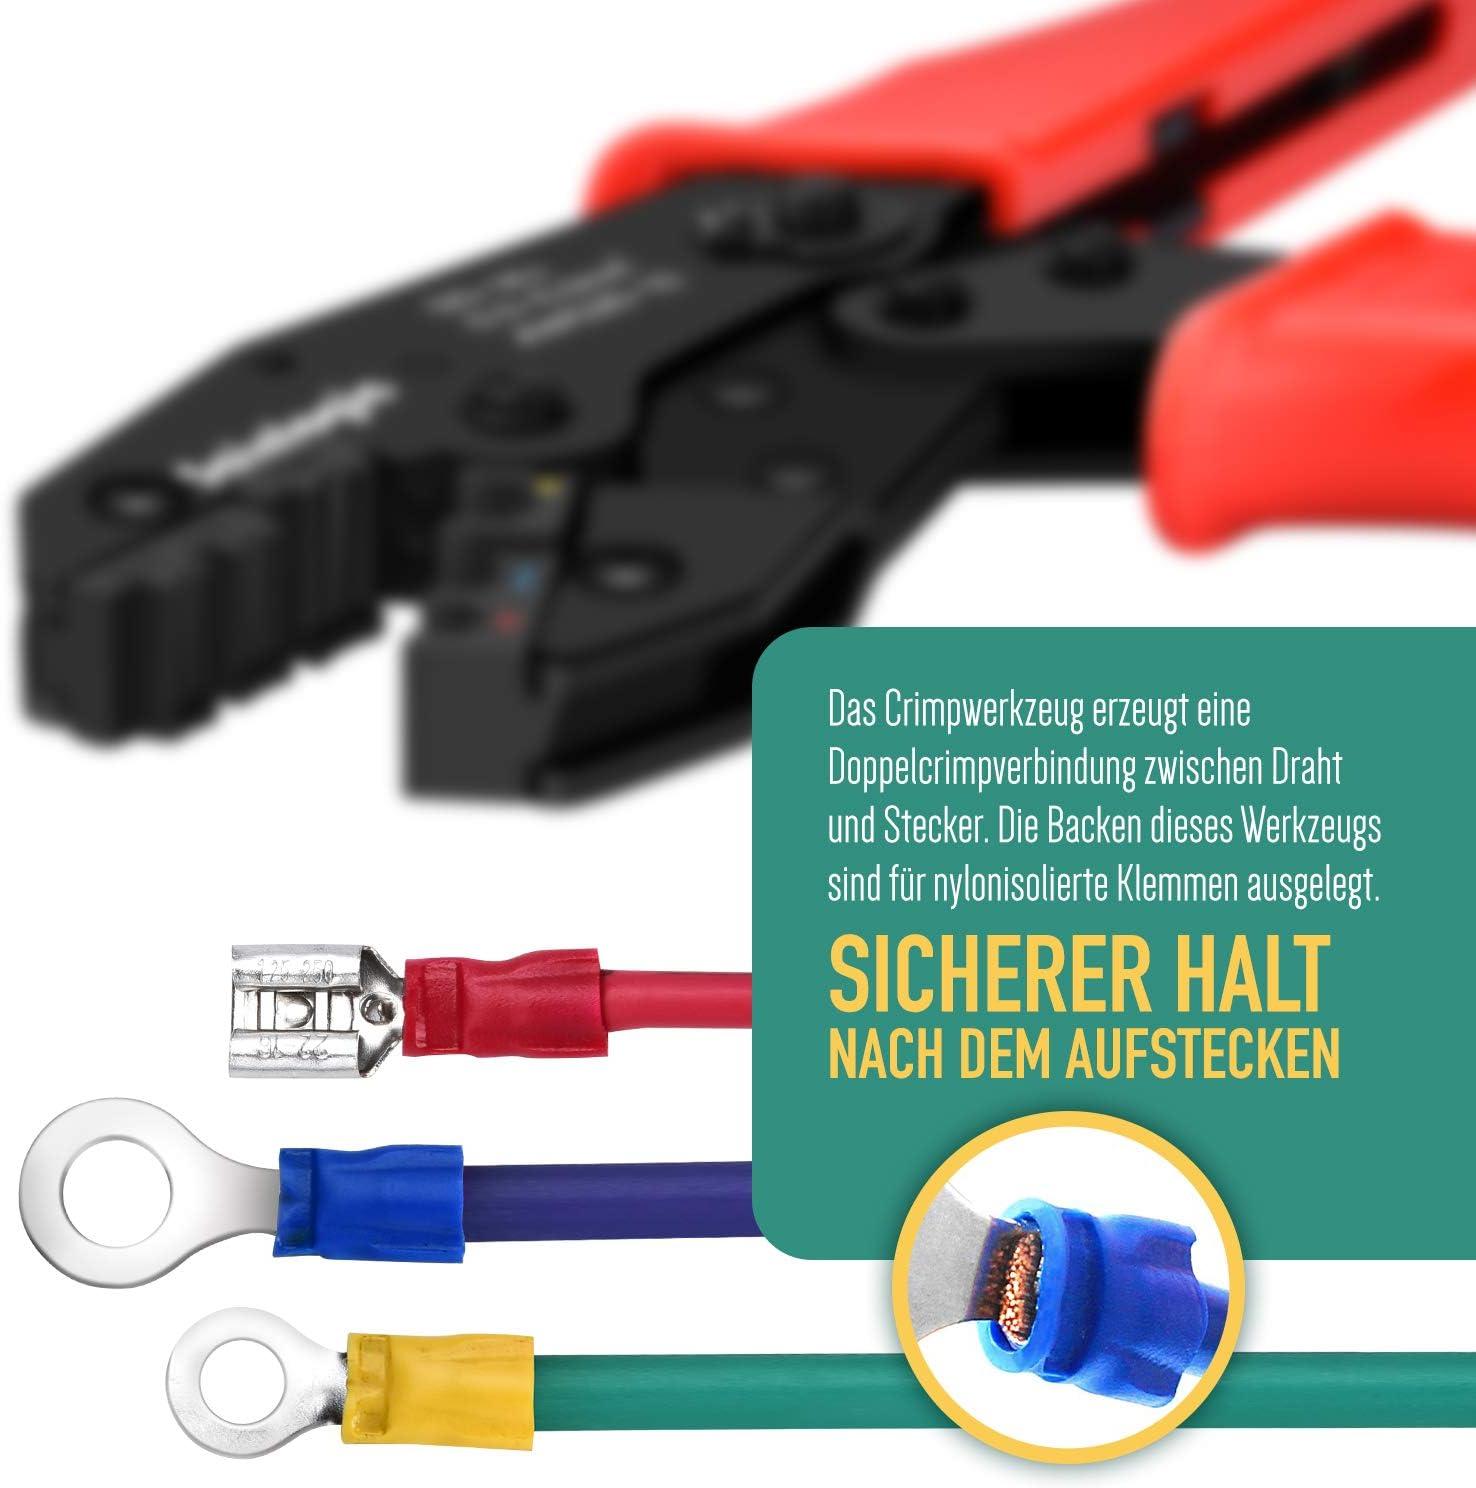 sainlogic Crimpzange Kabelschuhe Set Alicates Crimpadora de Alambre Kit,0.5-6 mm/² de trinquete Ajustable con 700 terminales de Cable aislados